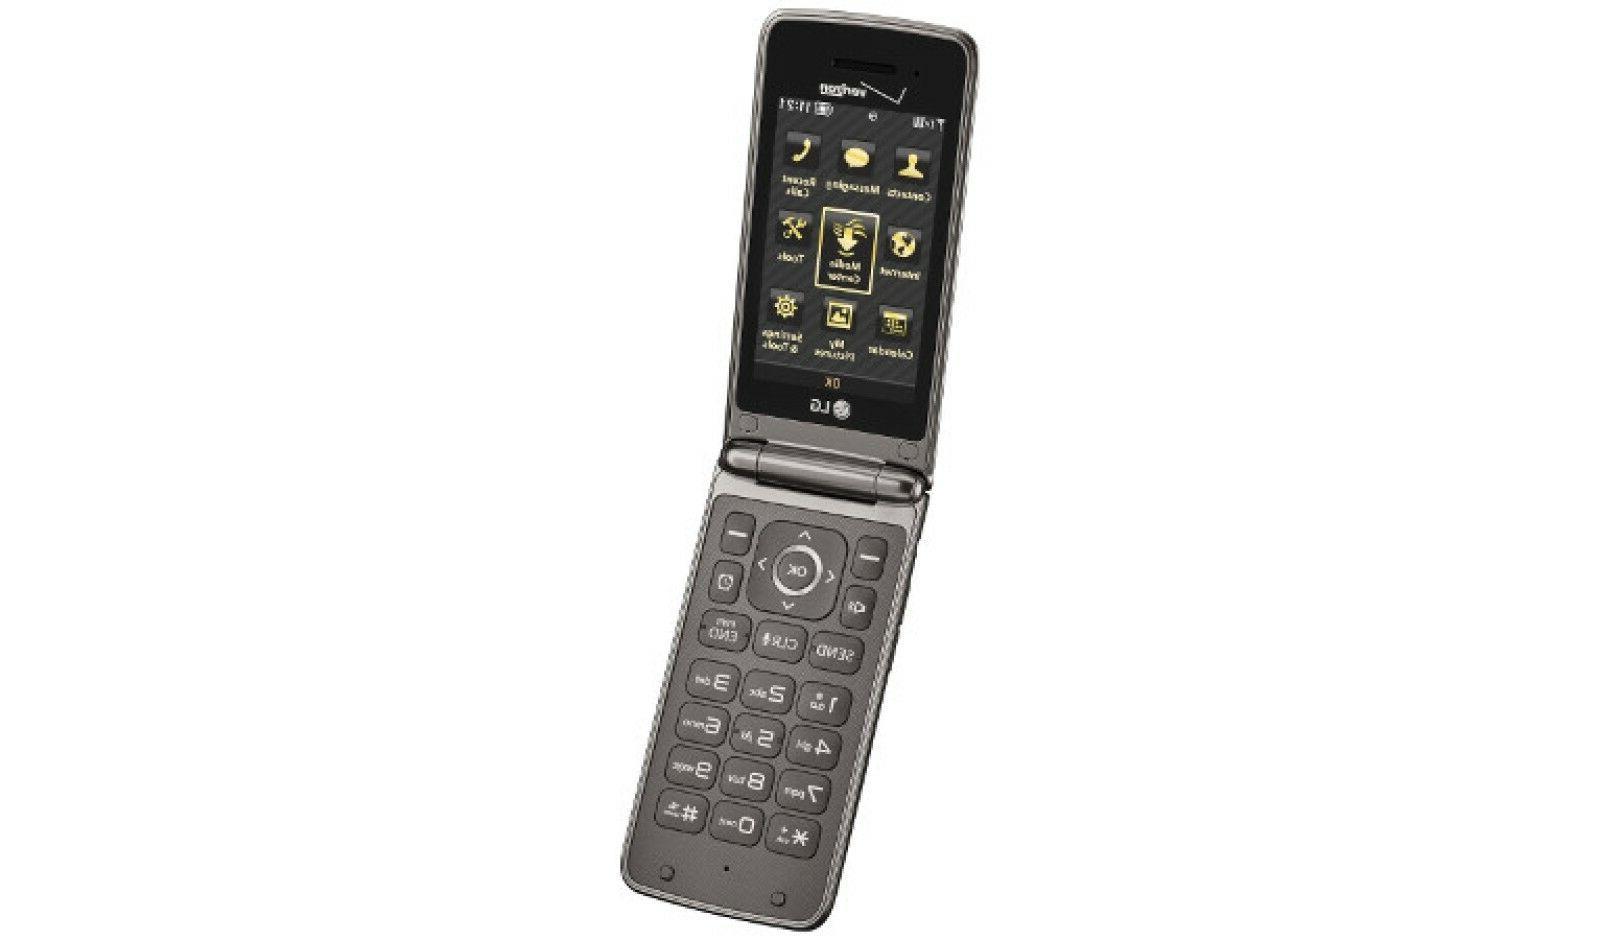 LG II | VN370 | 256MB Black Flip Cellular